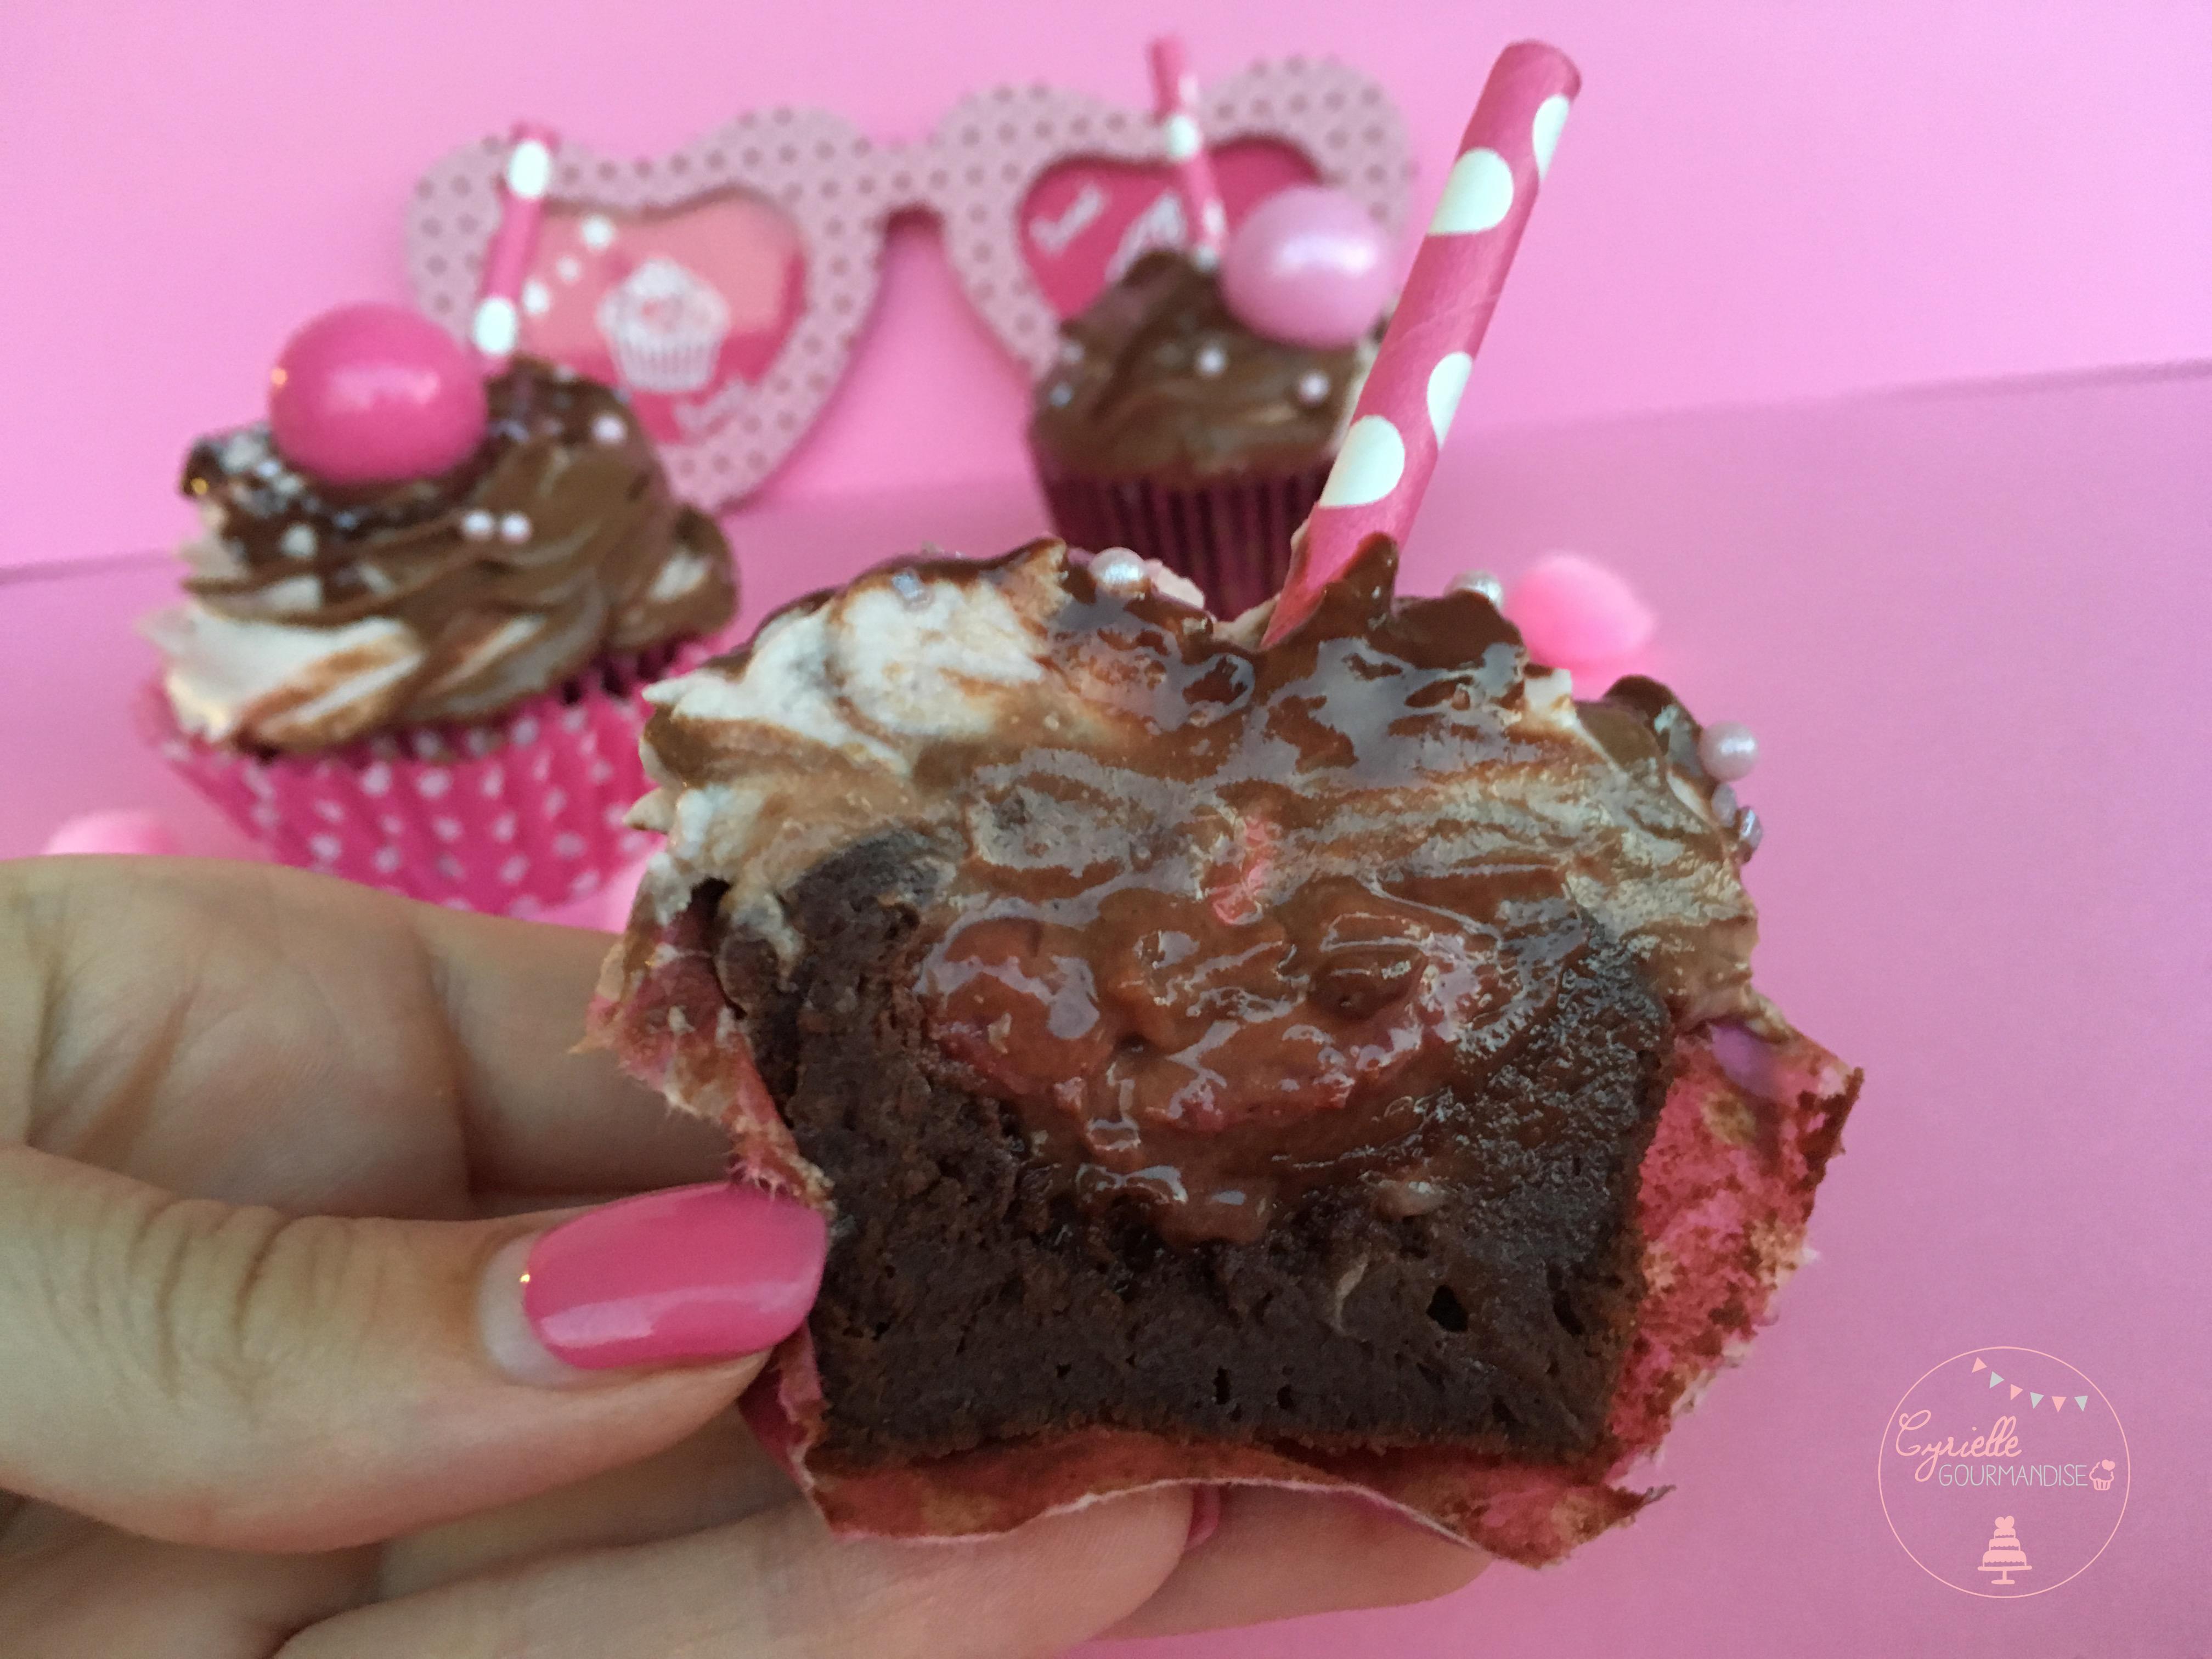 Cupcakes fraise choco 7 L